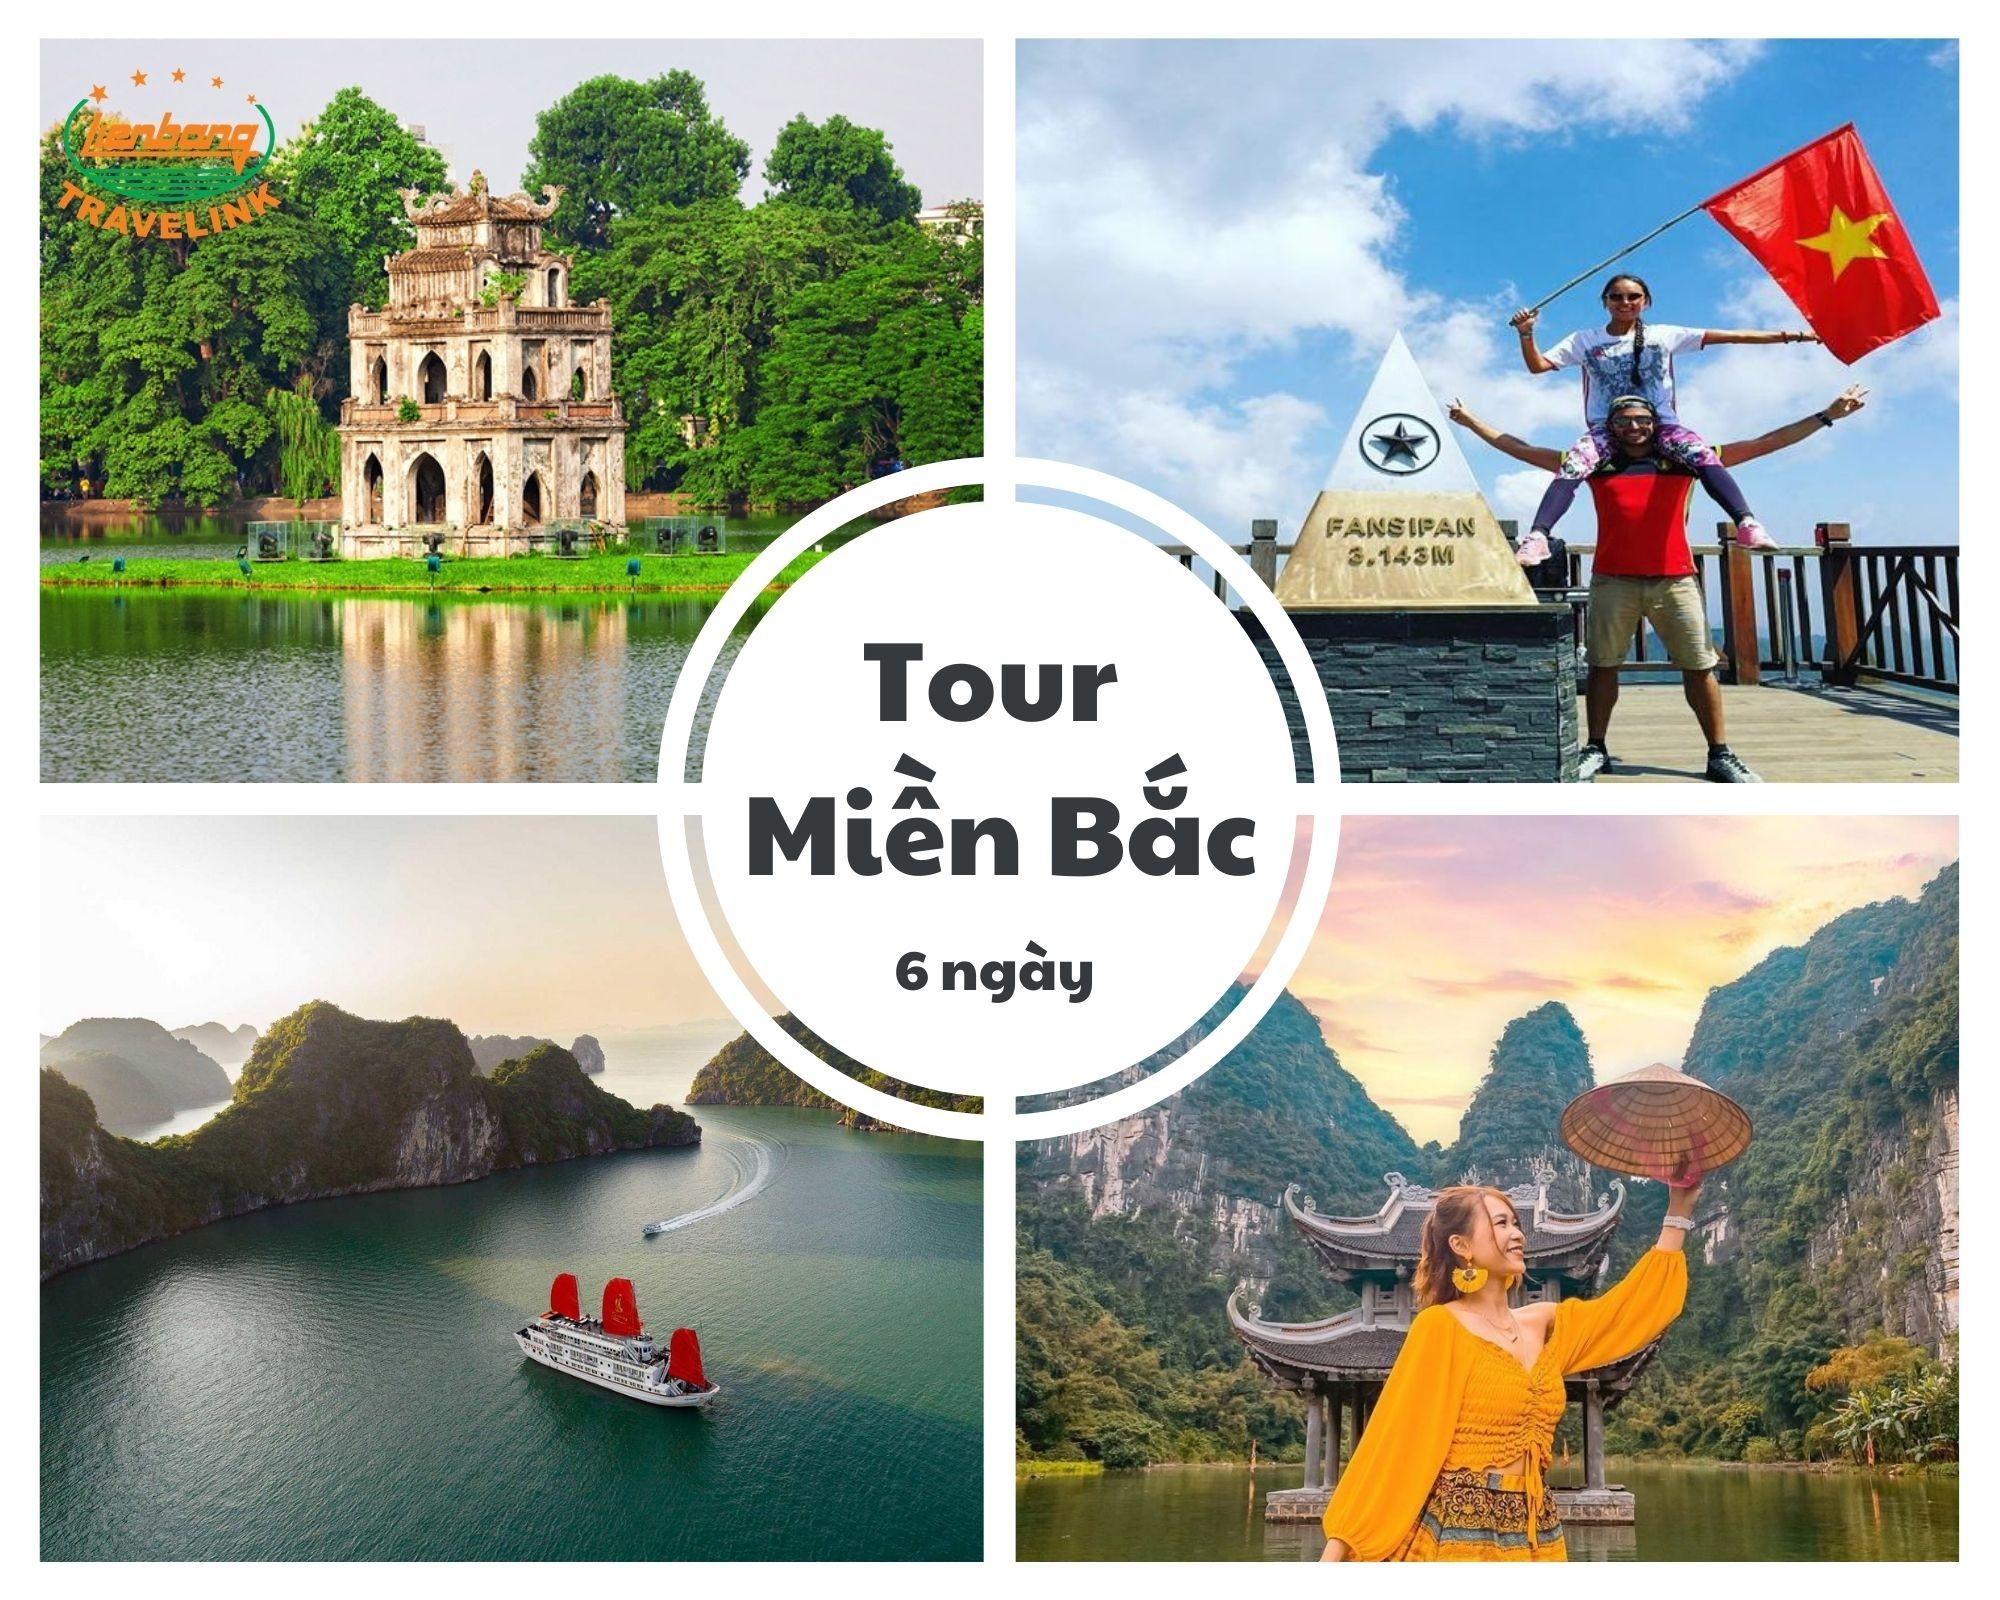 Du lịch Miền Bắc (Hà Nội - Sapa - Hạ Long - Ninh Bình) - Trọn gói 6 ngày